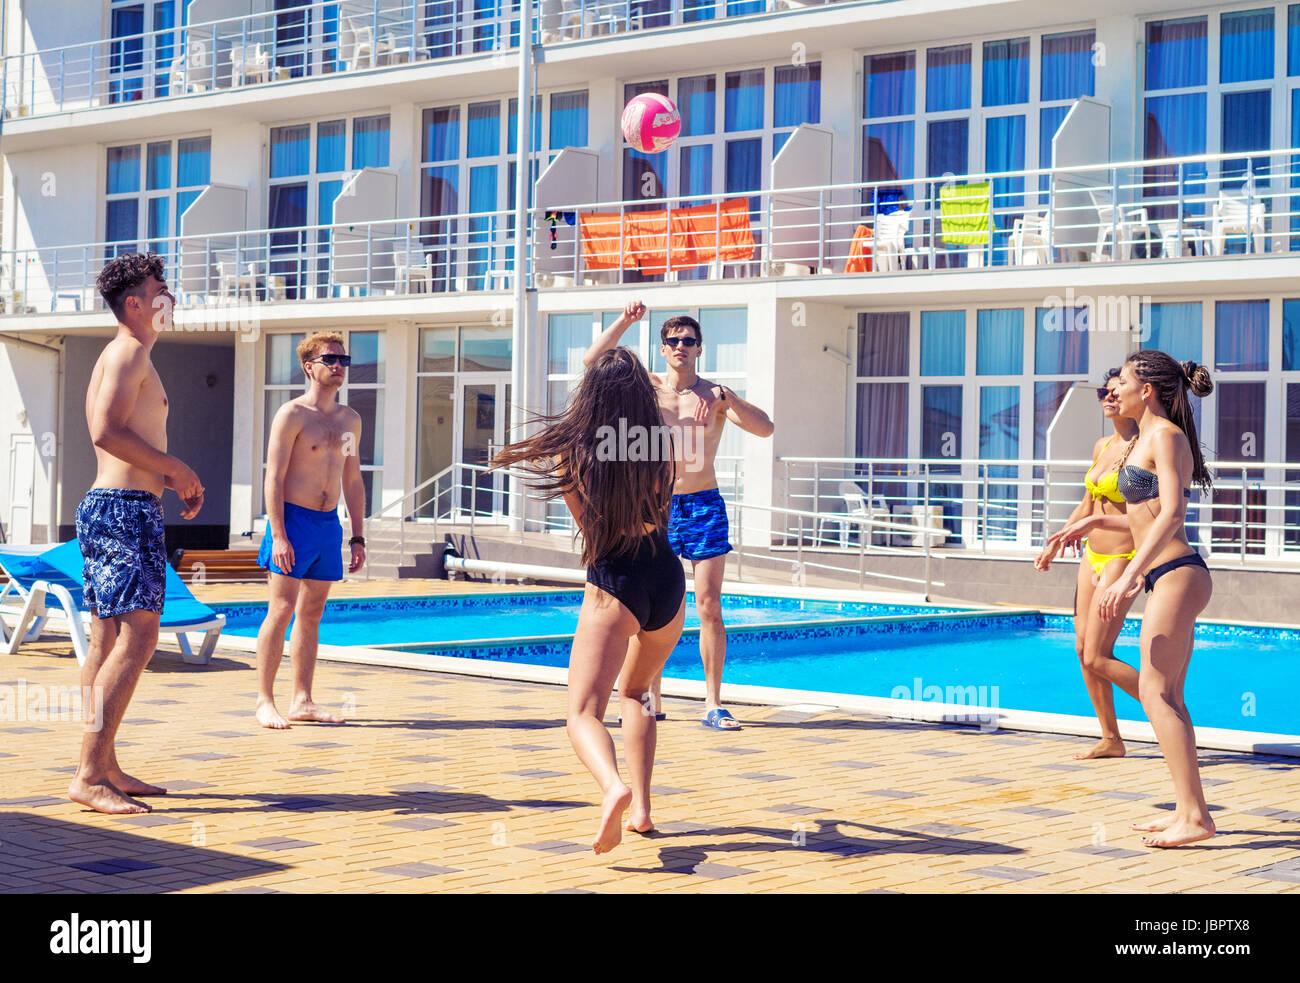 Grupo de parejas alegres amigos jugando voleibol Imagen De Stock